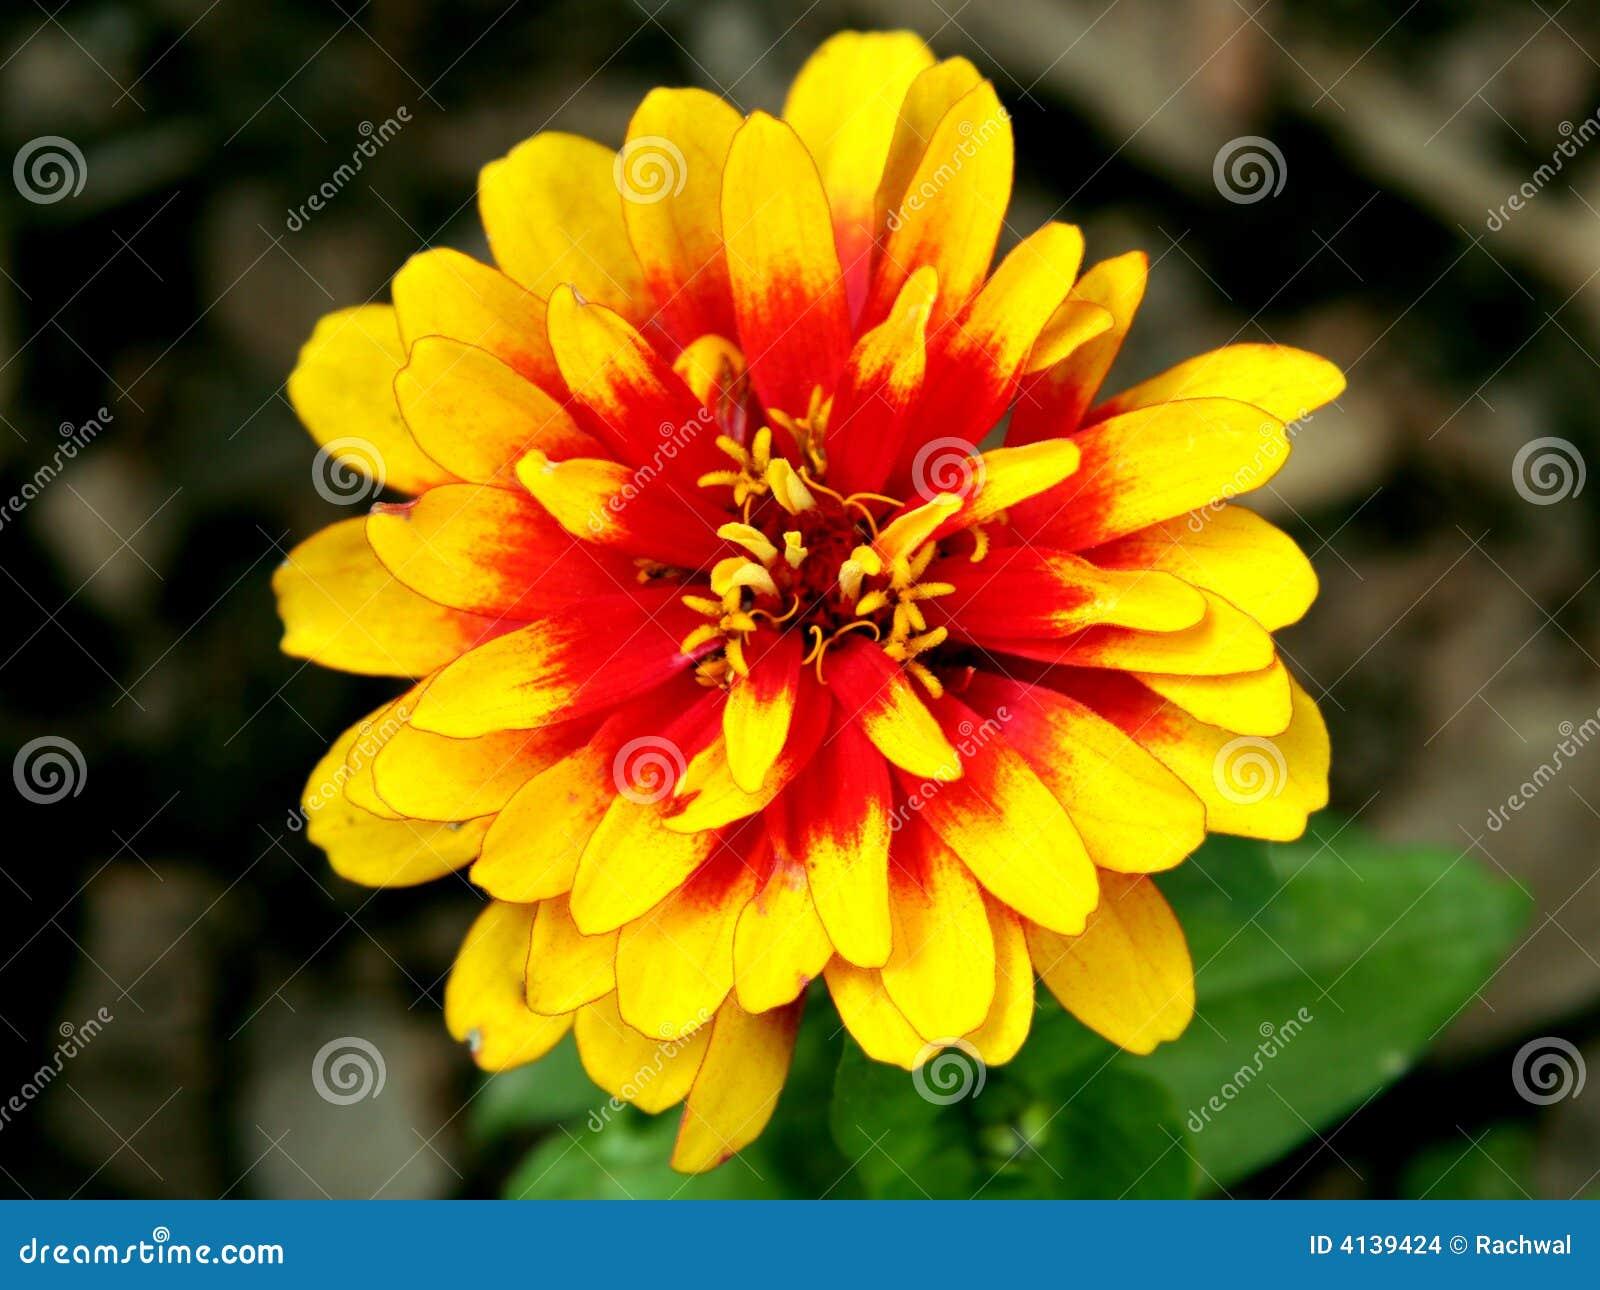 Czerwony kwiat zbliżony do żółtego